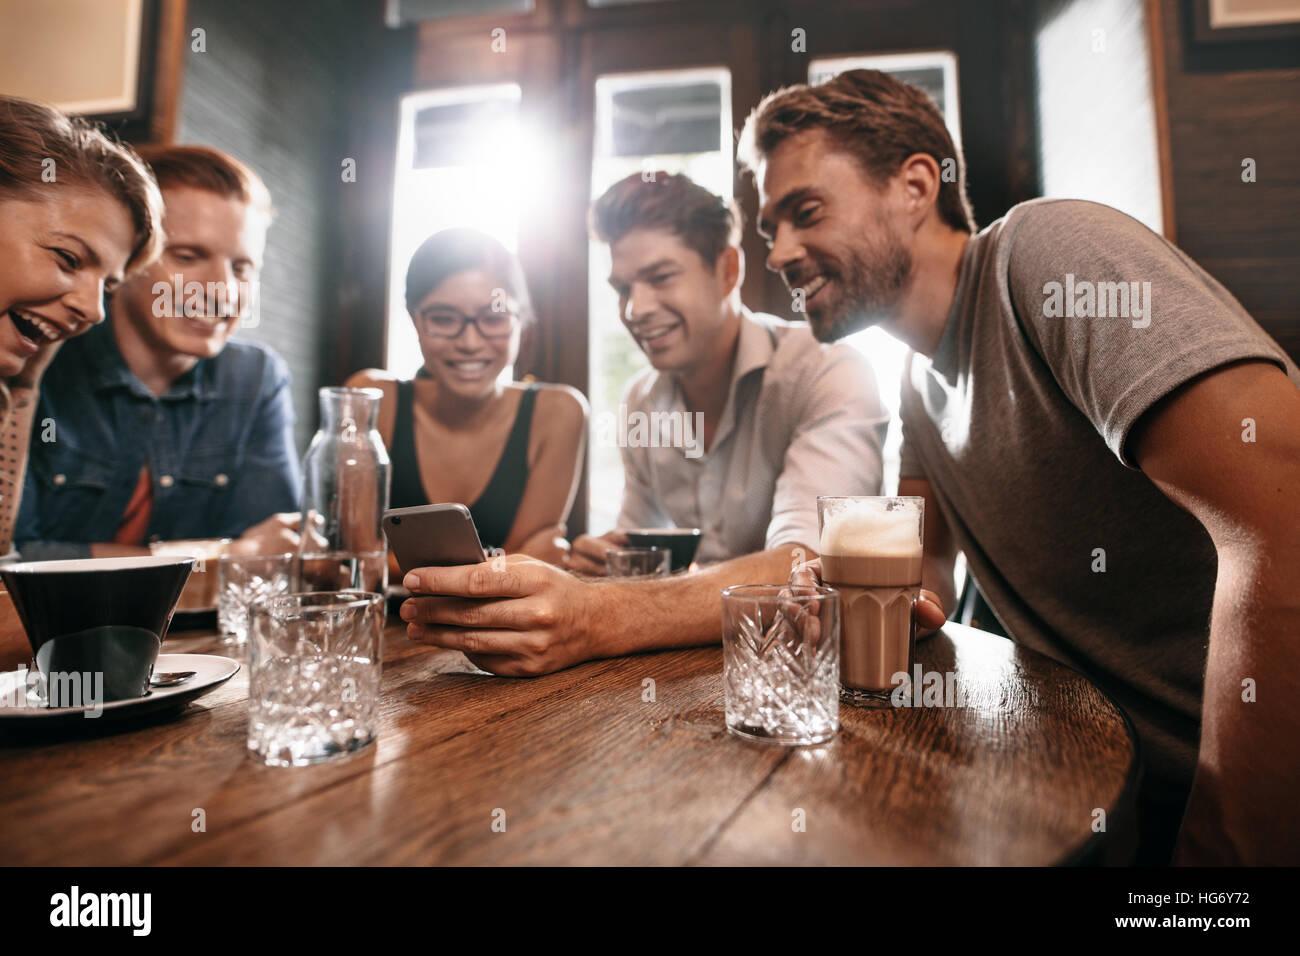 Groupe d'amis assis autour d'une table de café et looking at mobile phone. Les jeunes hommes et femmes Photo Stock